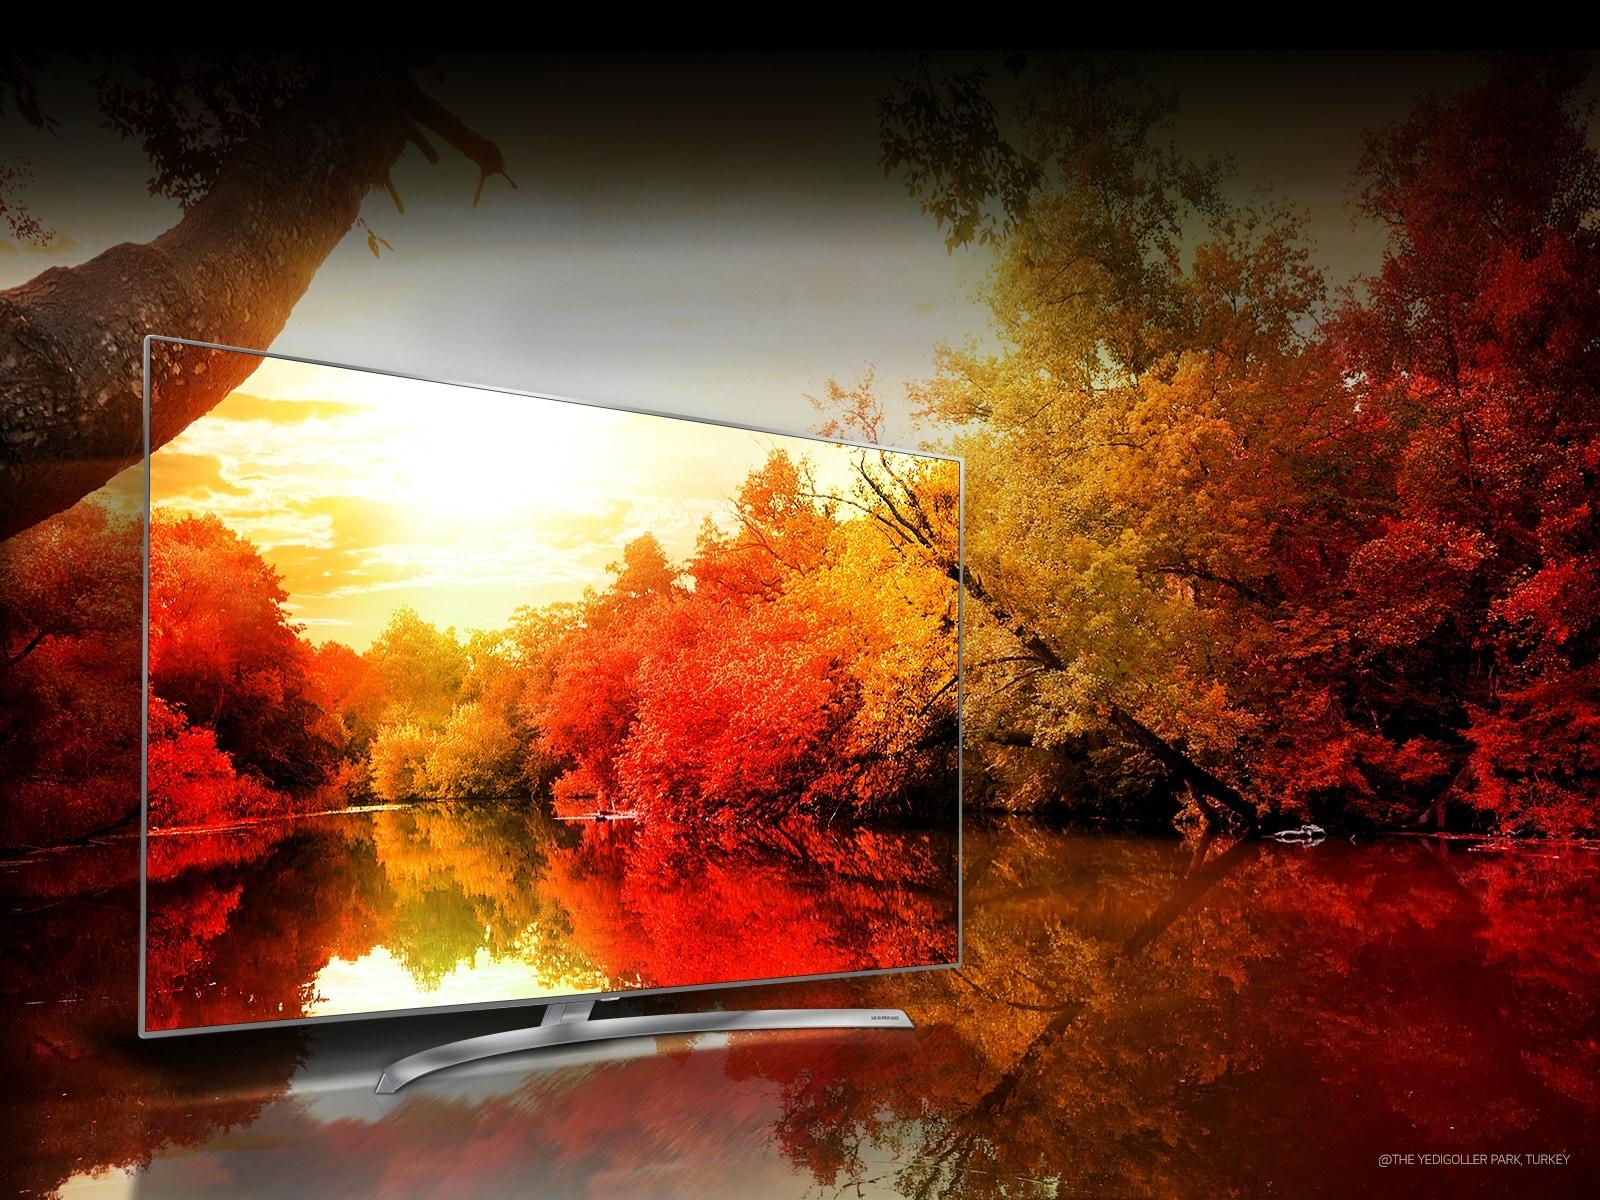 LG TV's - Colors to impress through billion rich colors